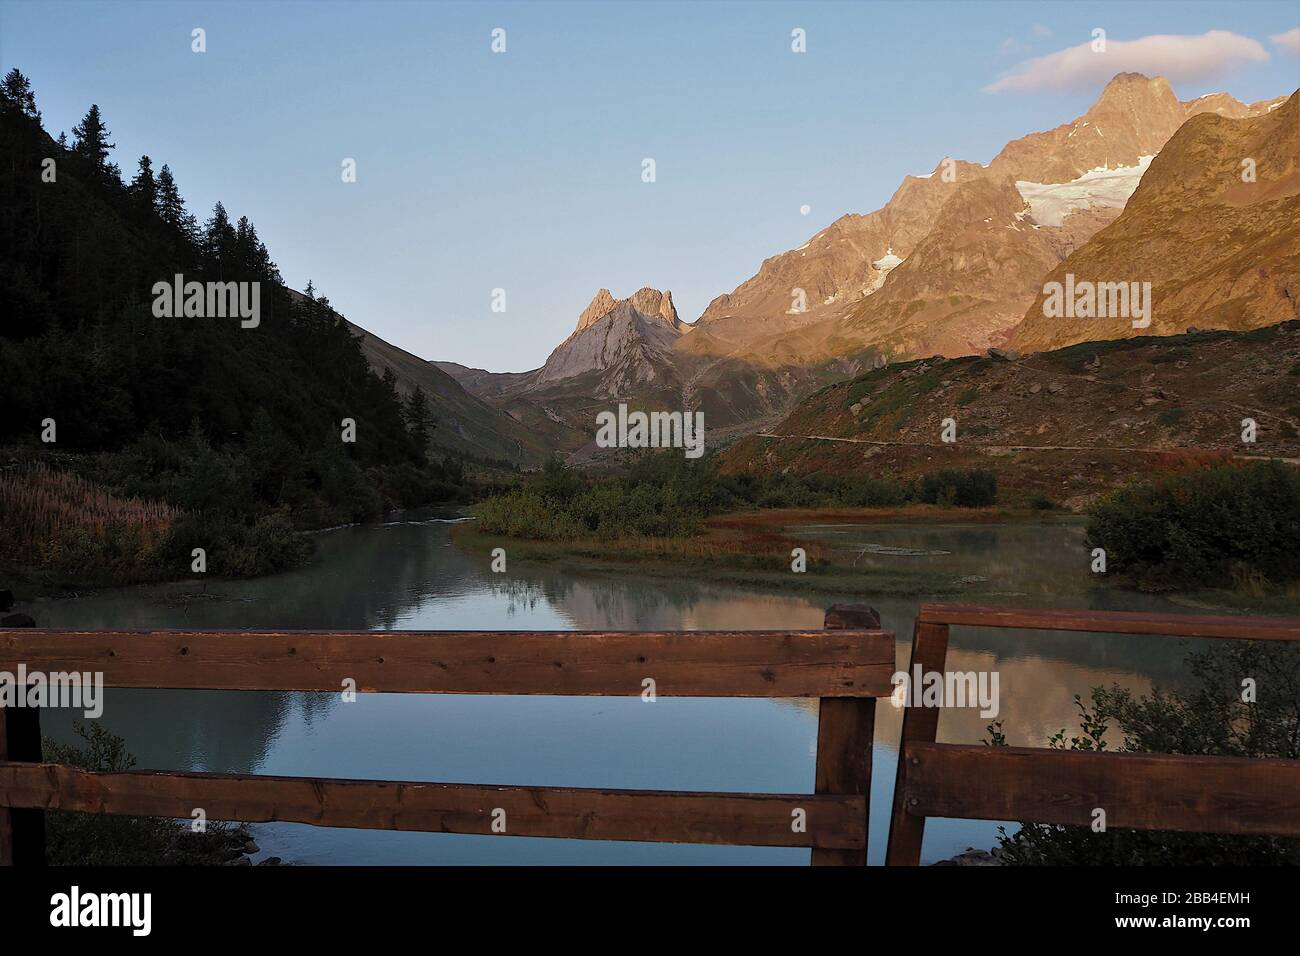 Paisaje alpino cerca del lago Combal, Alpes, Monte Bianco, Valle de Aosta, Italia Foto de stock